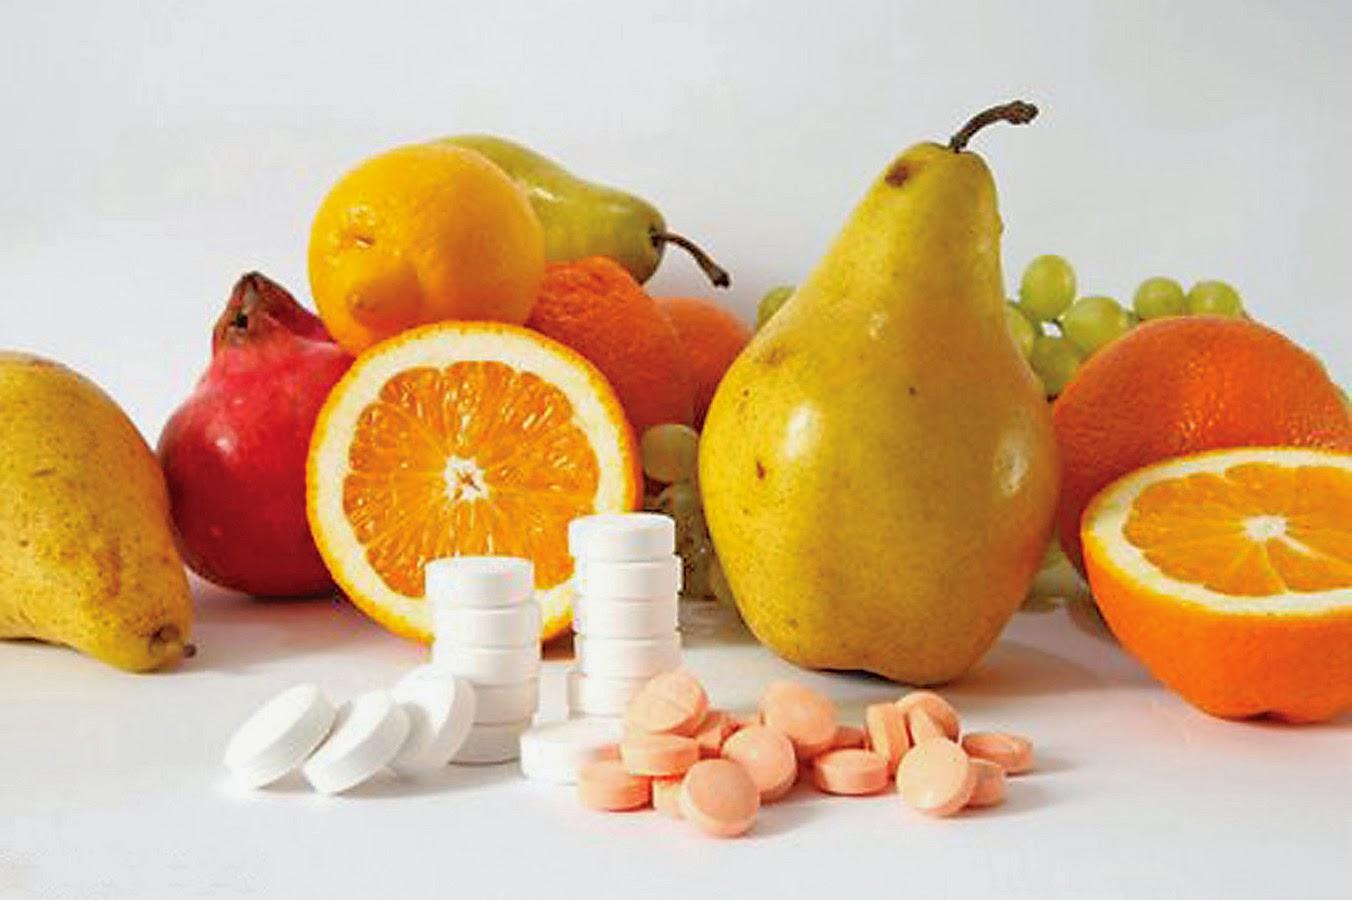 Гипохолестериновая диета для больных гипертонией ⋆ Лечение Сердца